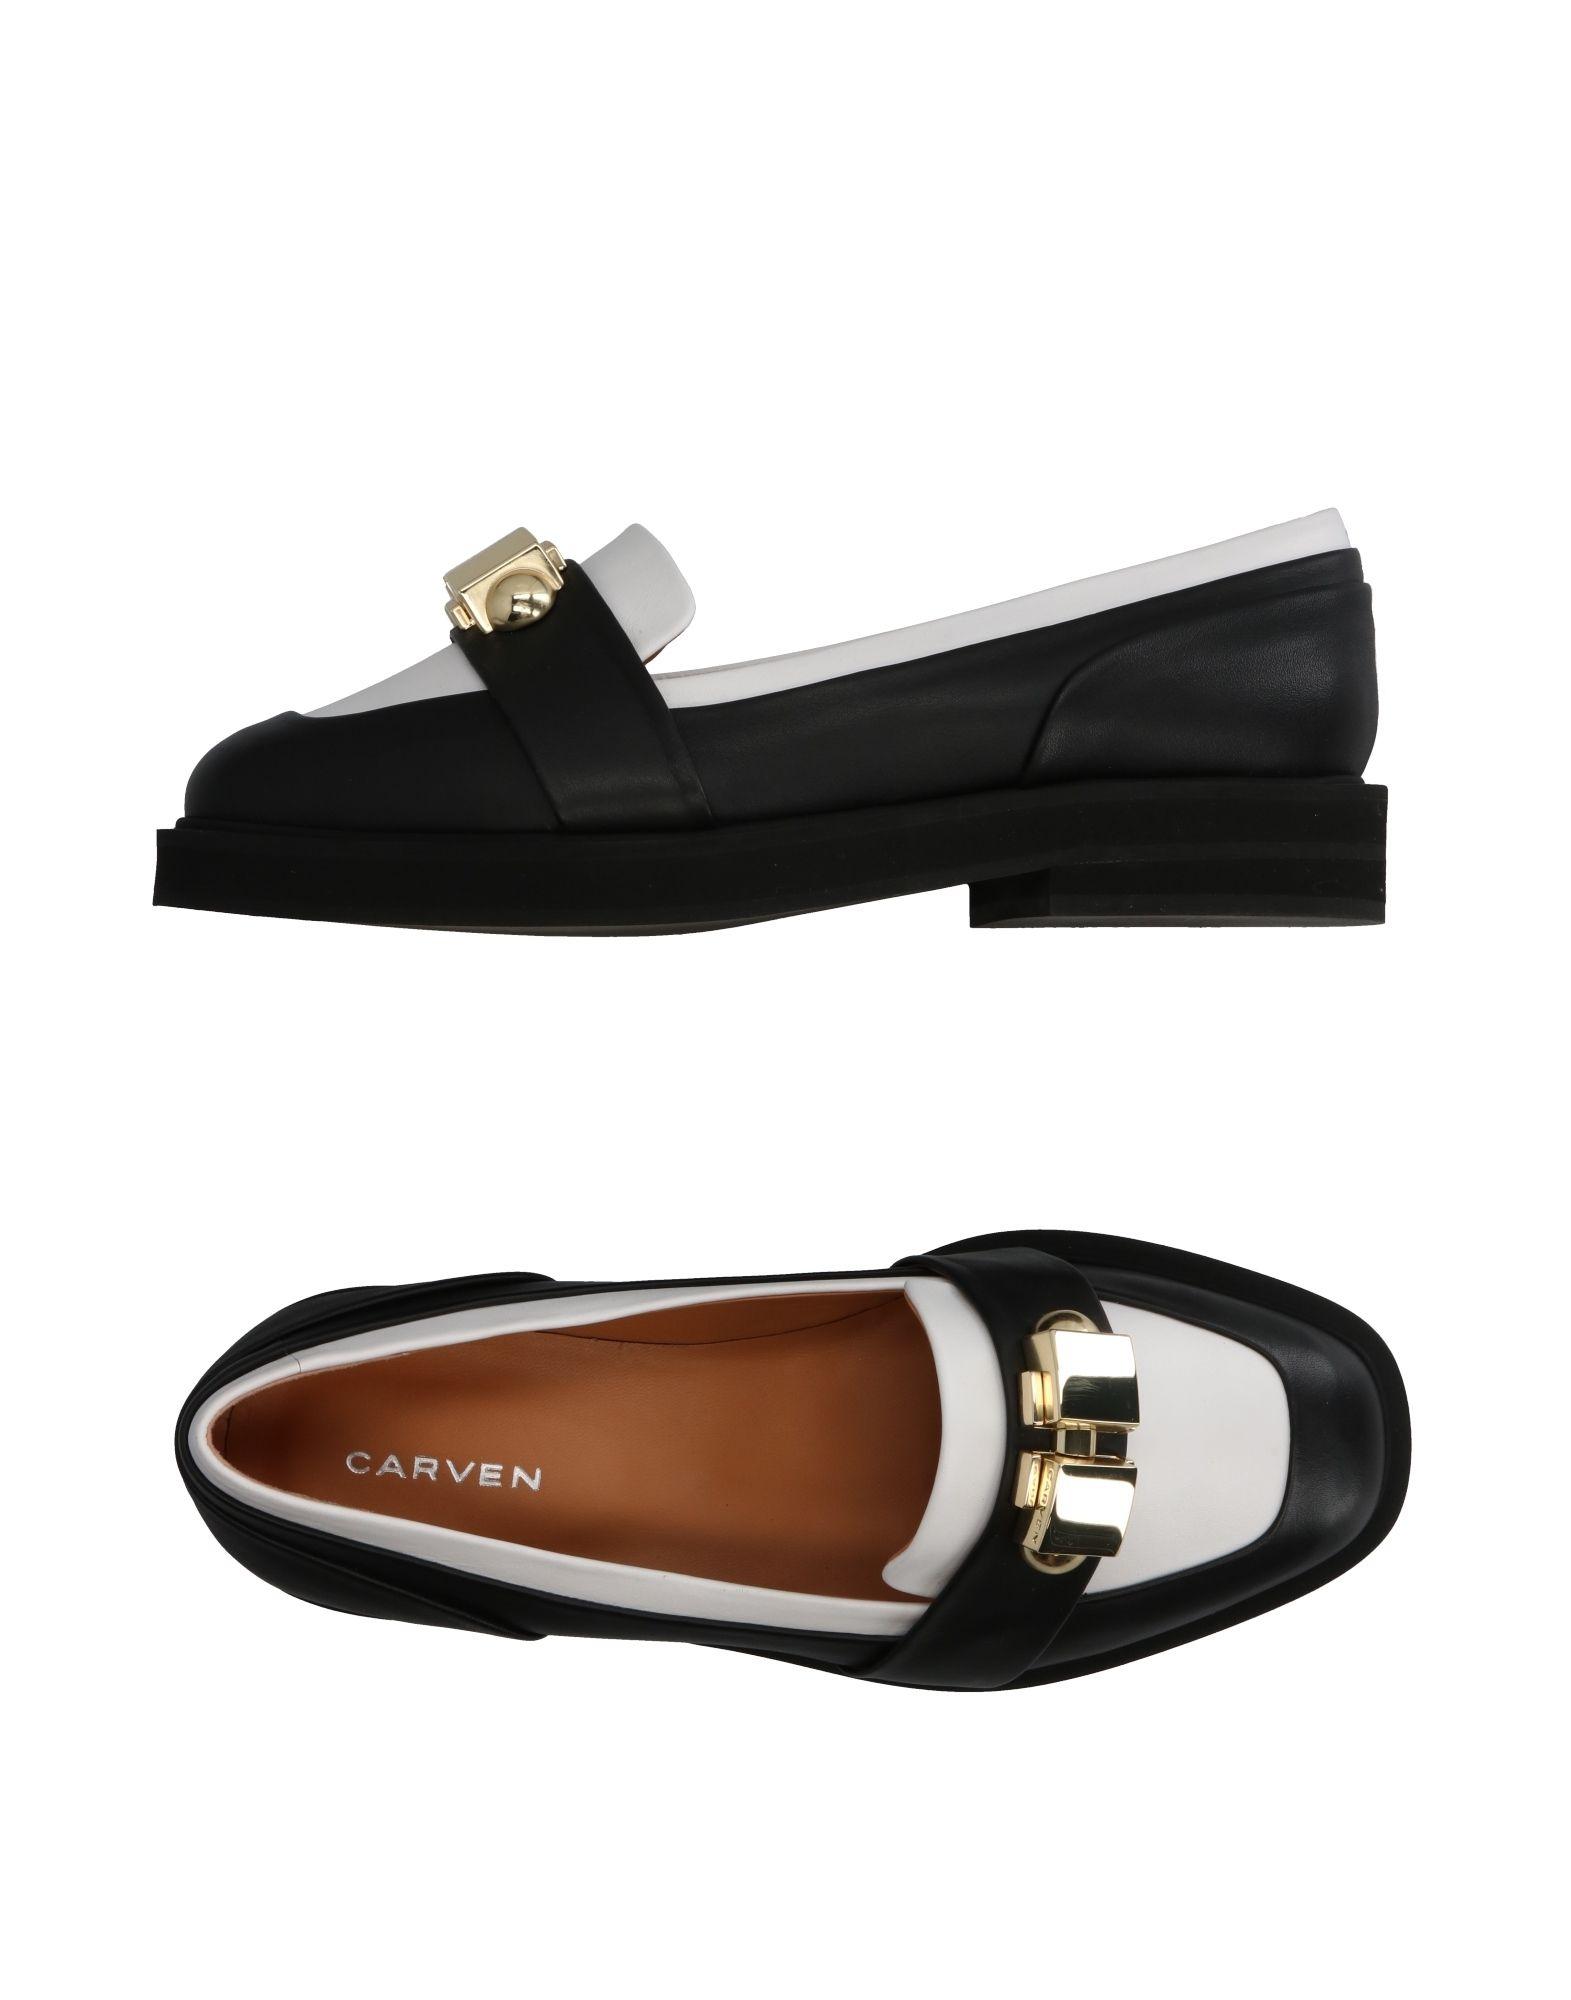 Carven Mokassins Damen  11312994LUGut aussehende strapazierfähige Schuhe